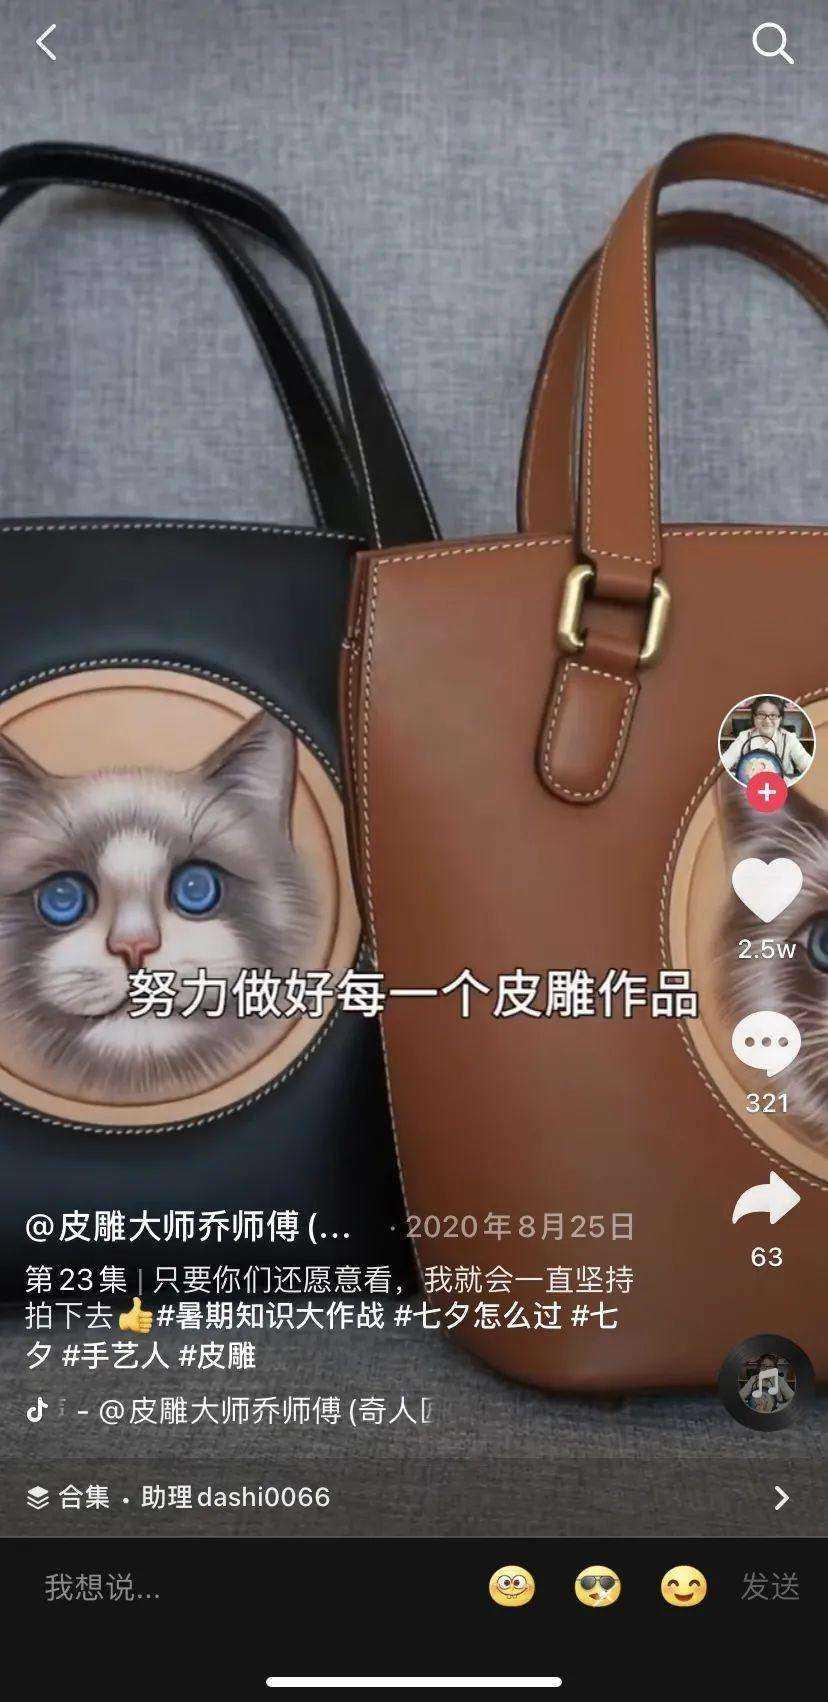 37岁的她卖出300万元包包,这才是女人和包的最高境界-第2张图片-周小辉博客